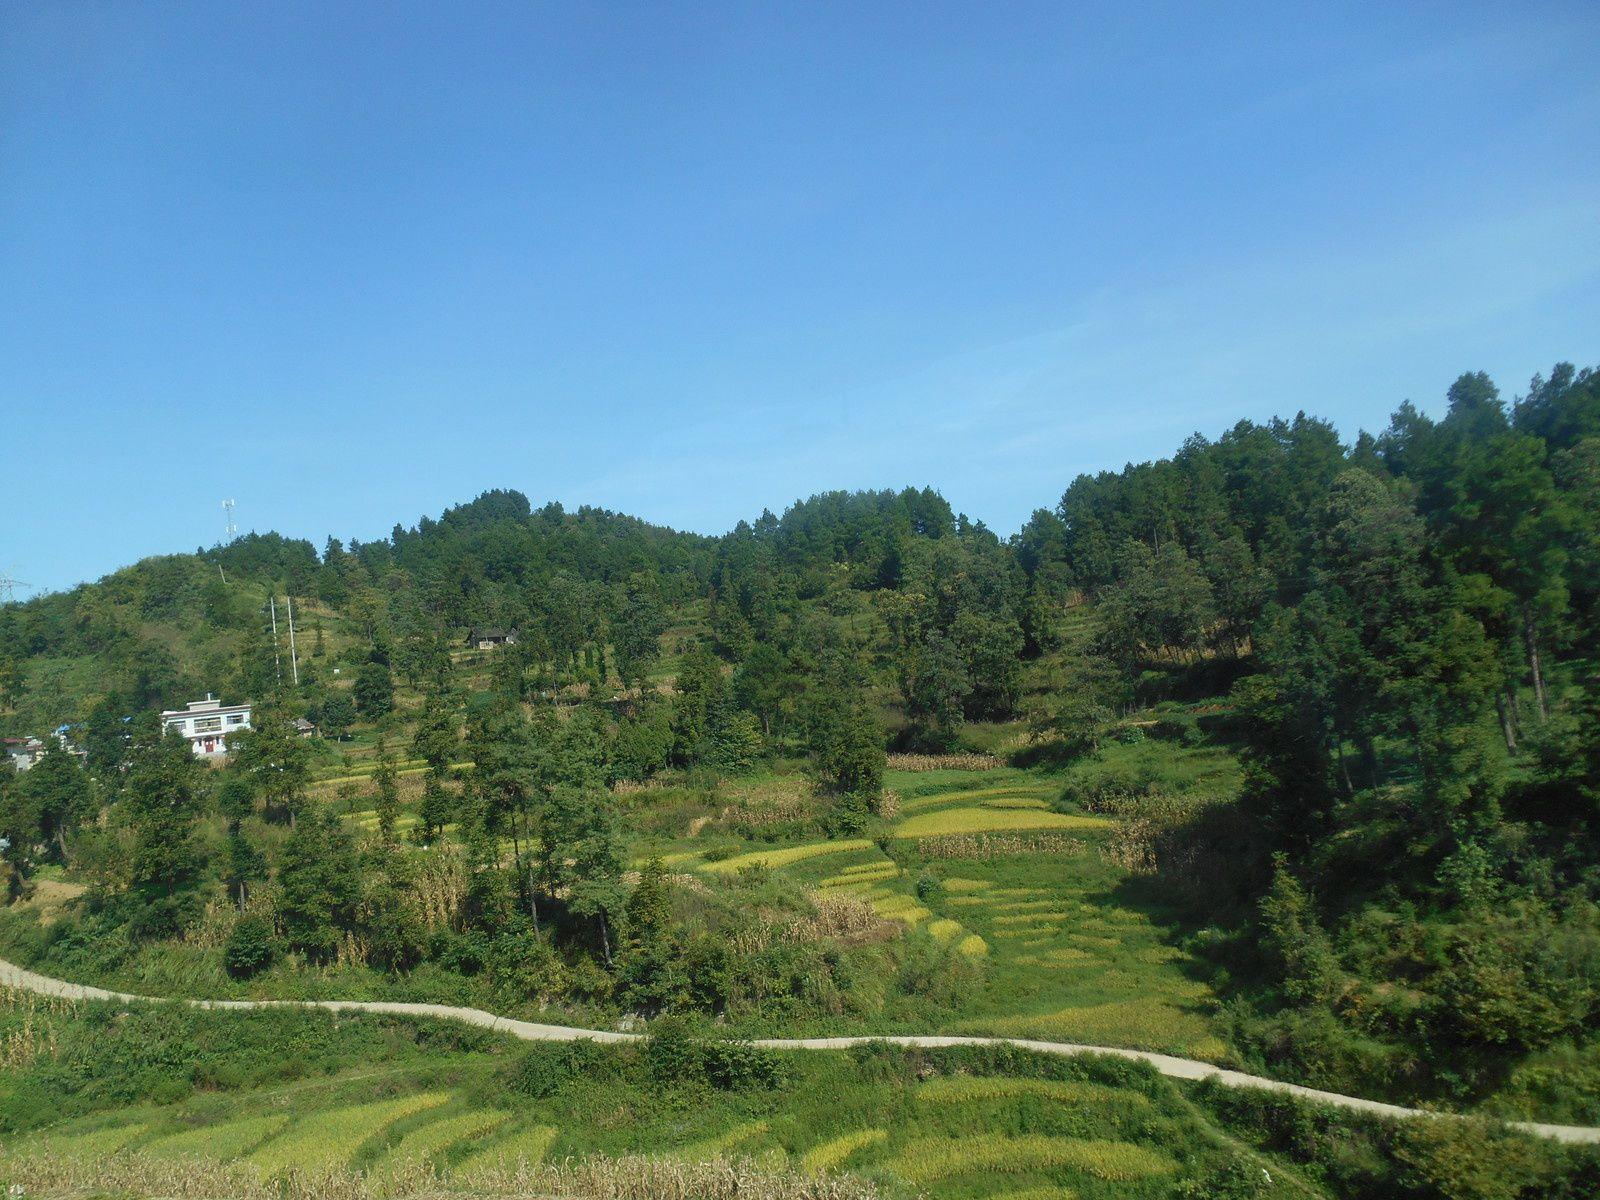 Chine: Jour 7 - De Xi'an à Kaili.